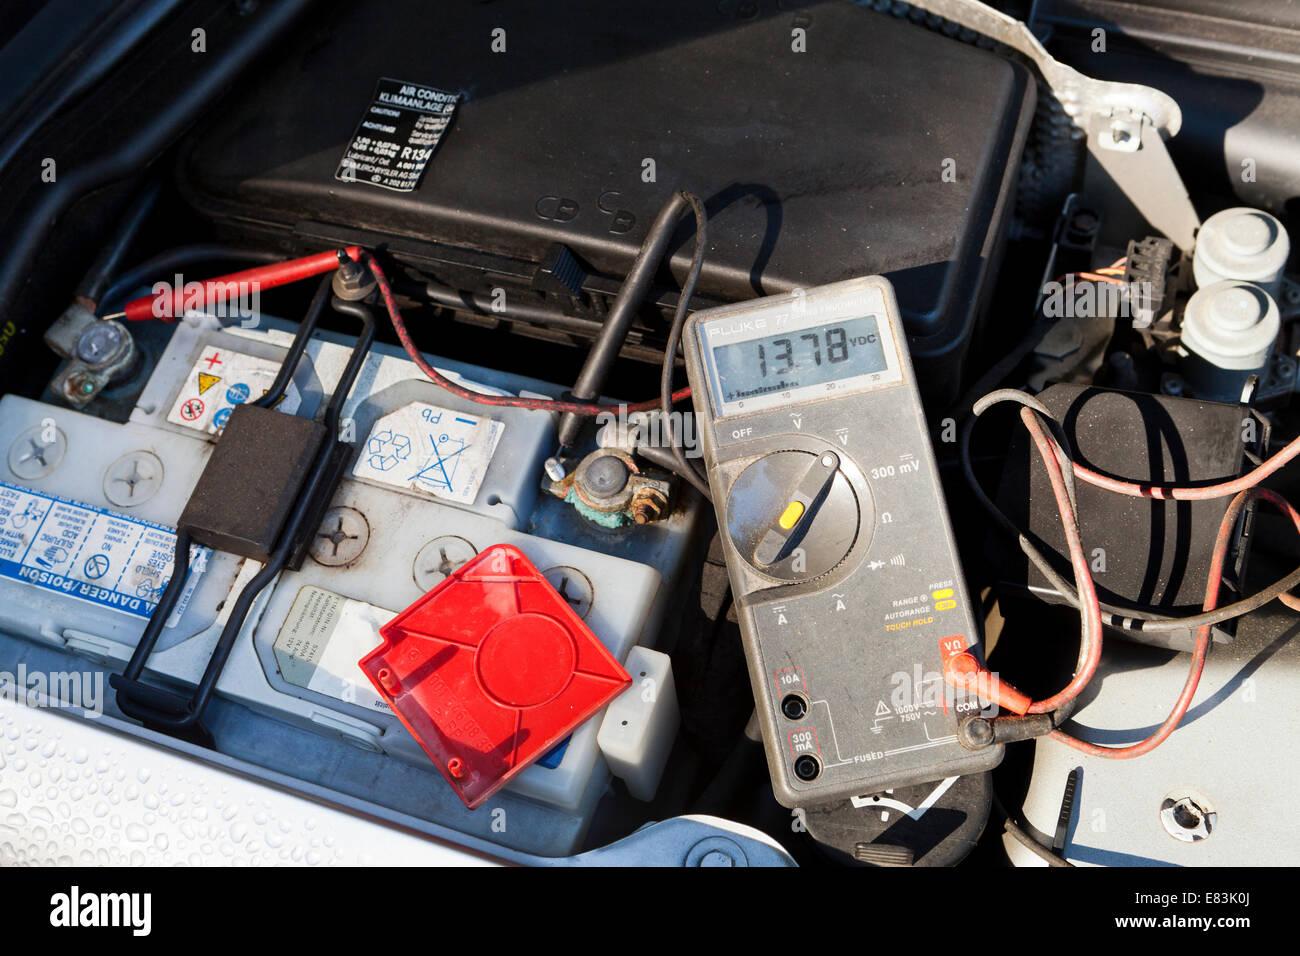 Probar la batería del automóvil con el voltímetro - EE.UU. Imagen De Stock